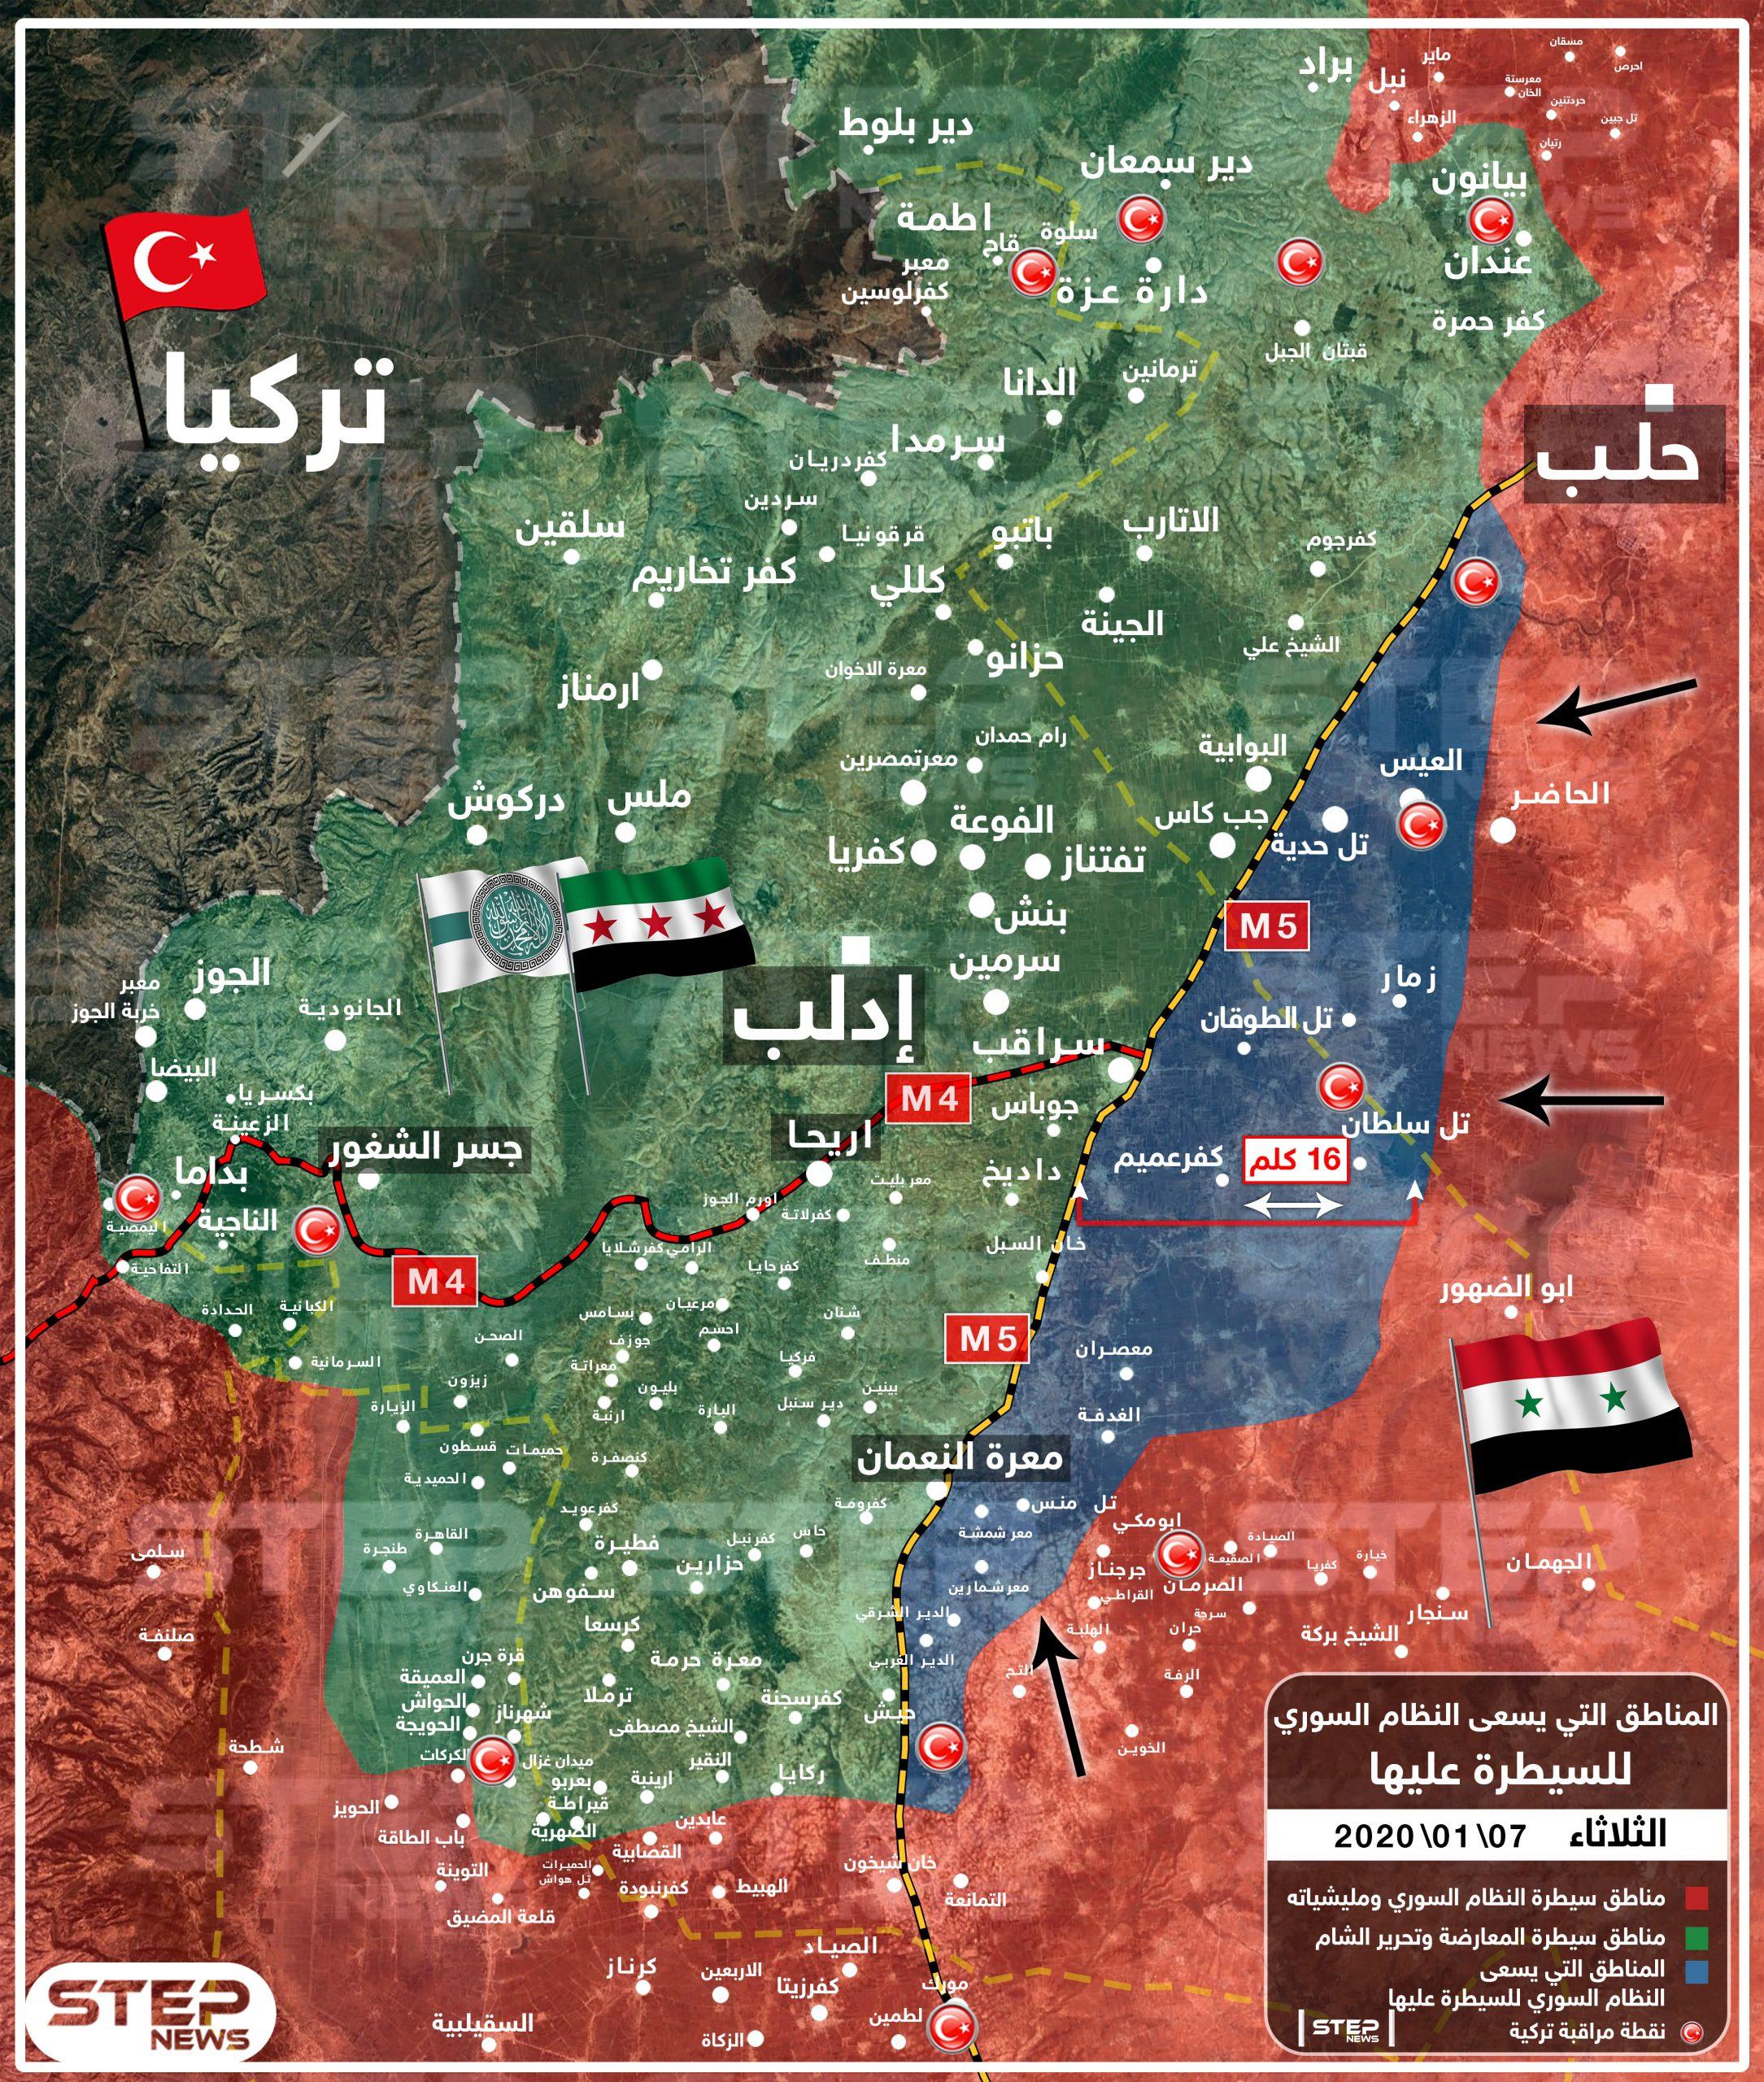 قيادي عسكري لـ ستيب|| هذا ما سيسطر عليه النظام السوري في إدلب وحلب تنفيذًا لاتفاقي (سوتشي- أستانا)